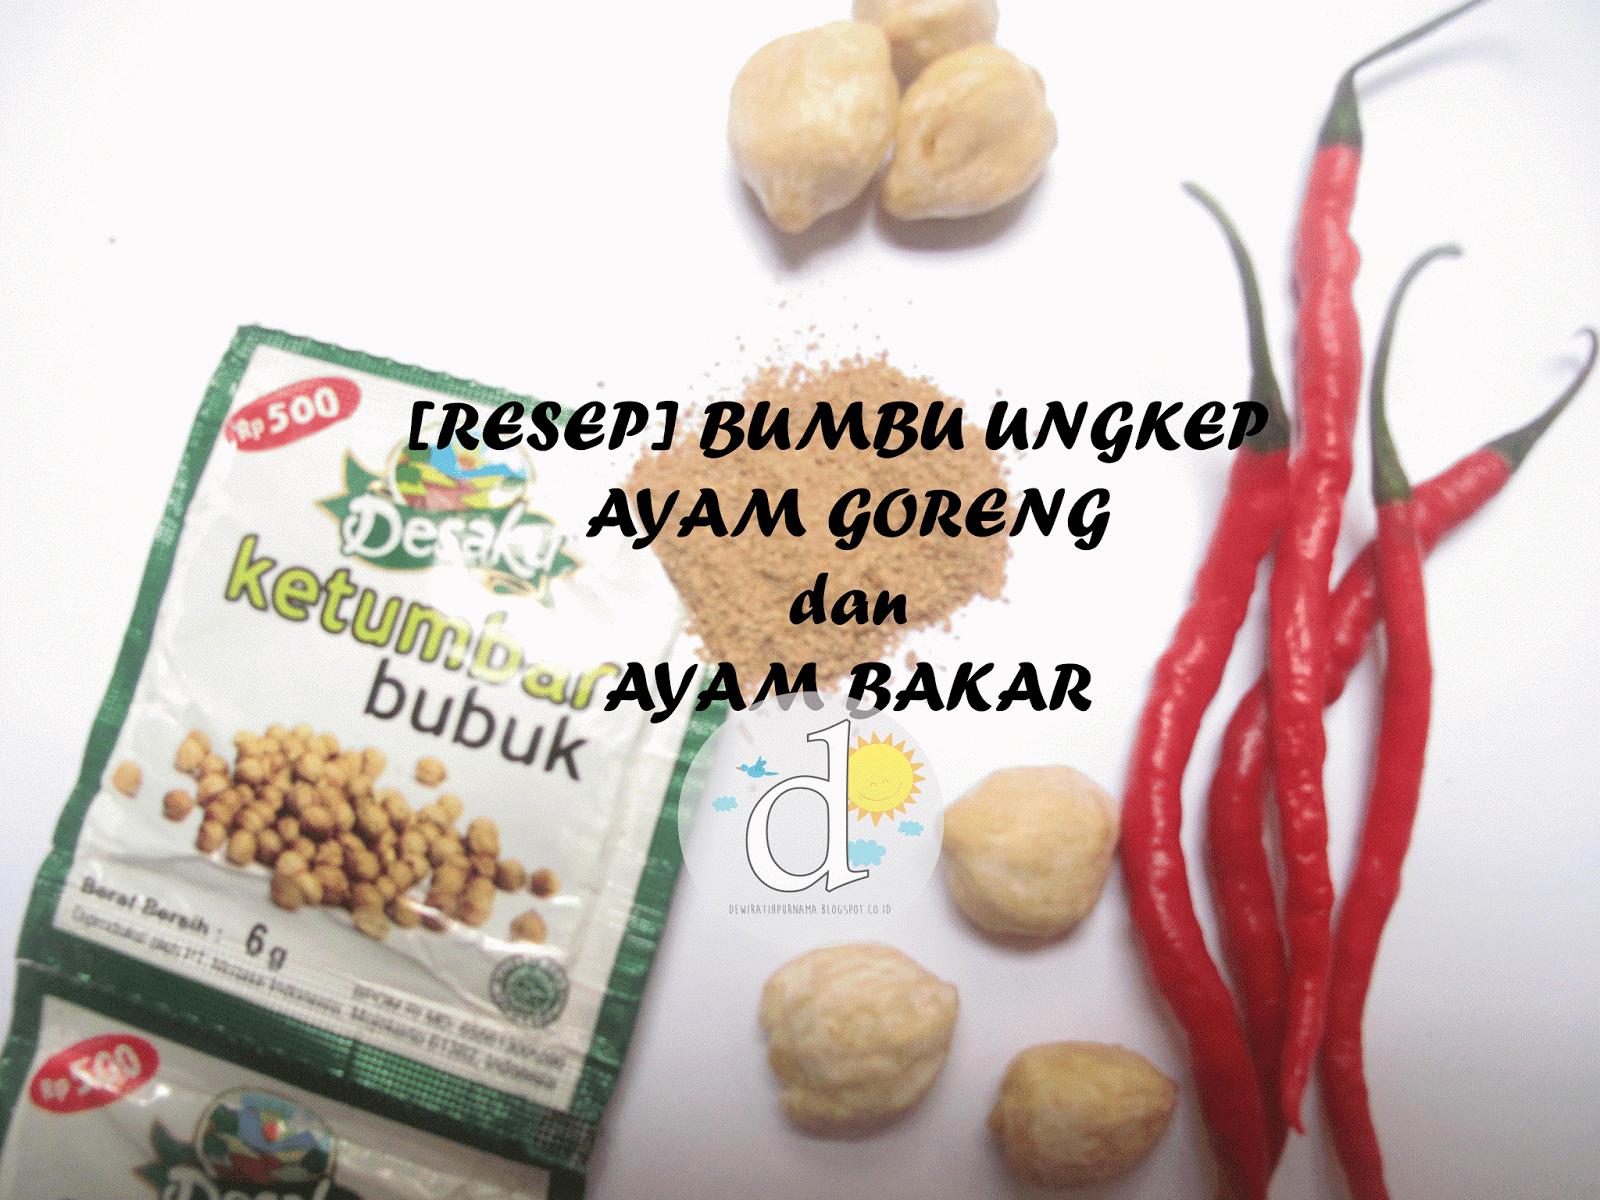 RESEP] Bumbu Ungkep Ayam Goreng dan Ayam Bakar - Dewi Ratih Purnama